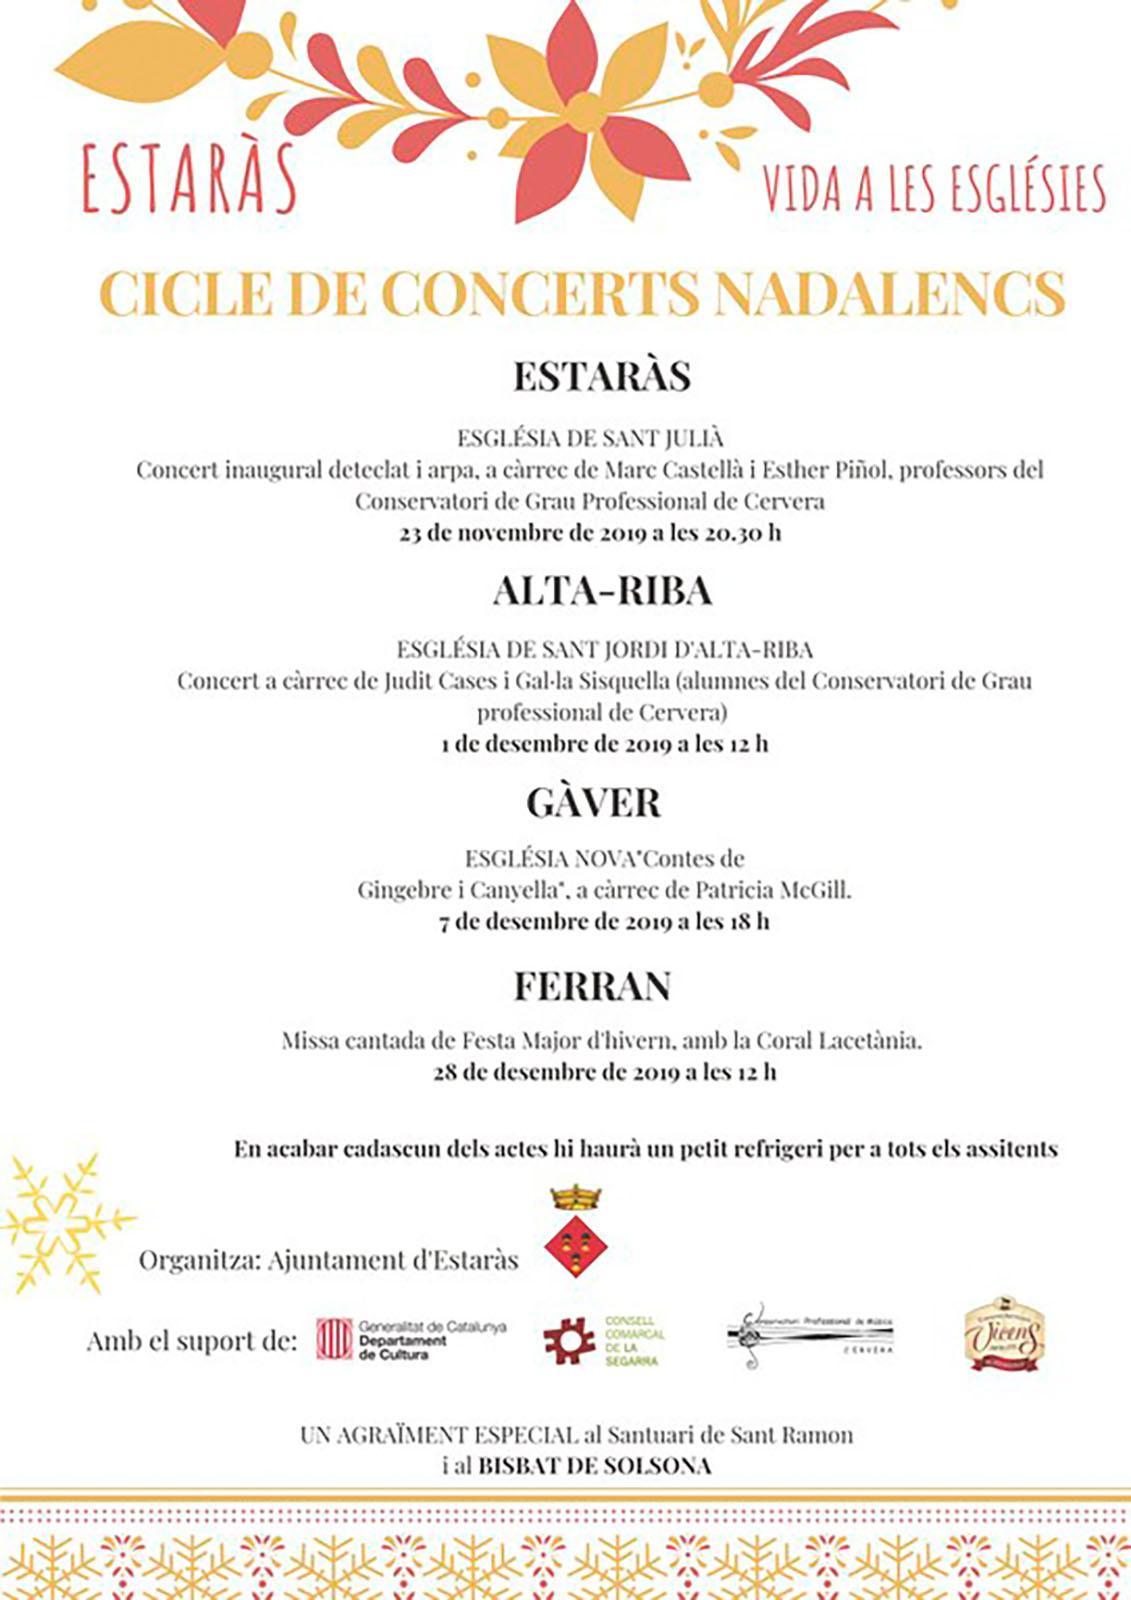 cartell Concert de Judit Cases i Gal·la Sisquella